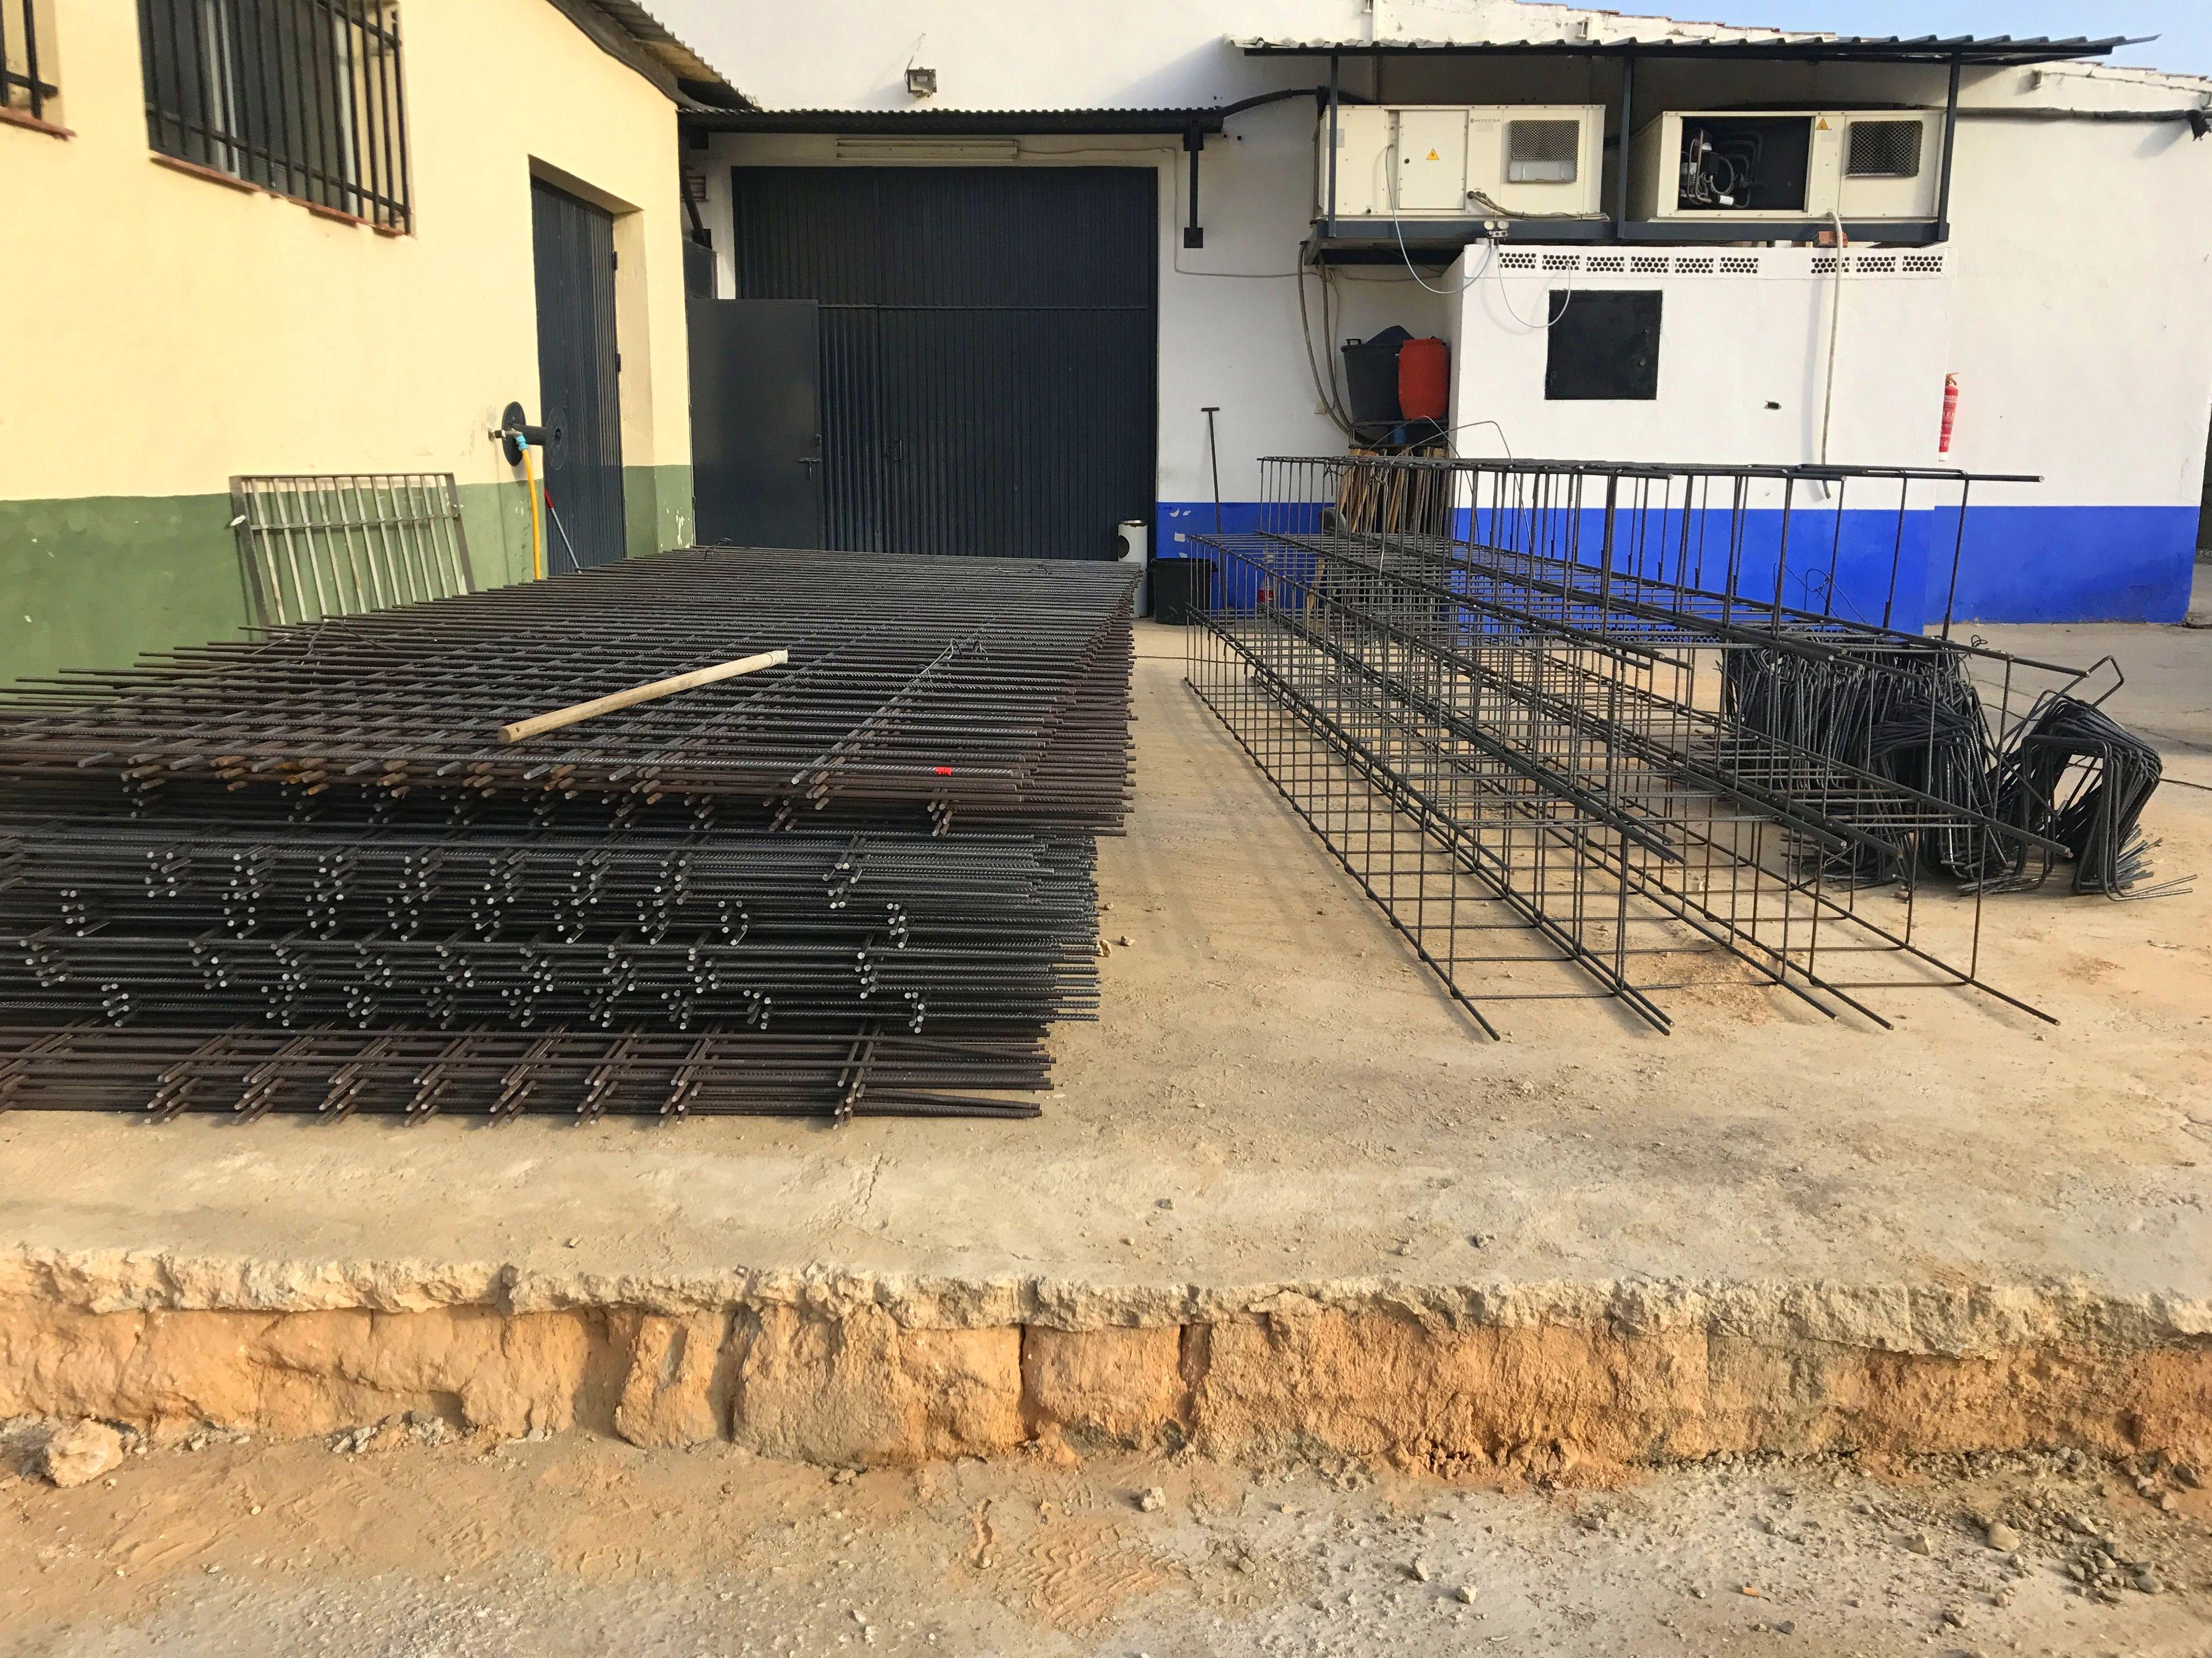 Foto 7 de Especialistas en reformas integrales, mantenimiento de jardines e impermeabilizaciones en Toledo | Reformas DS